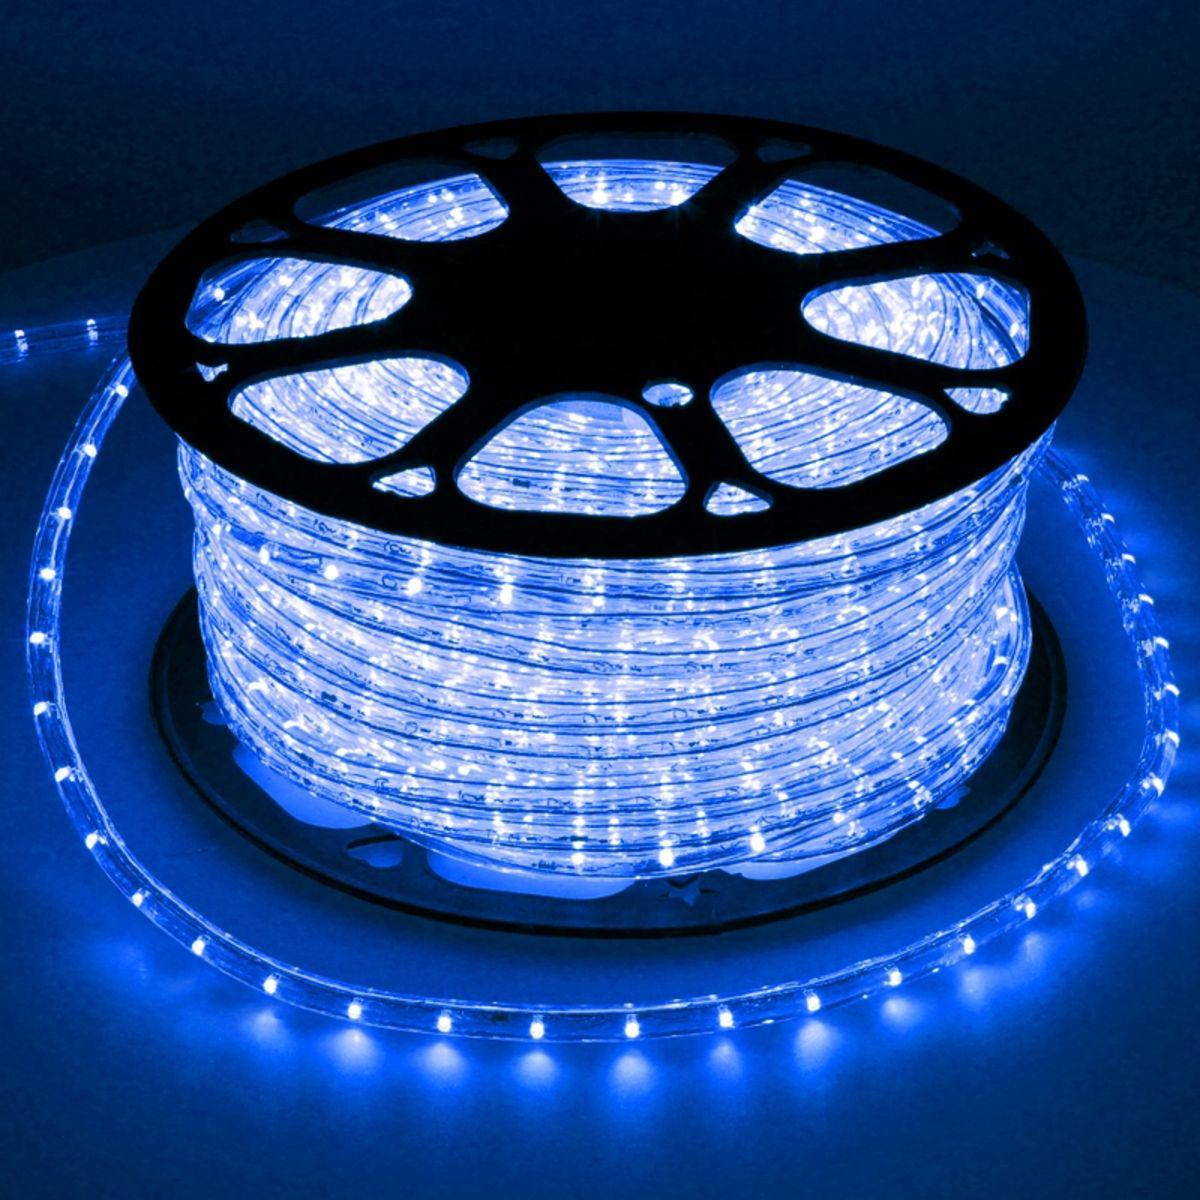 Ecd Germany ECD Germany LED Tube lumière guirlande 50m bleu avec adaptateur protection IP44 36 lampes à LED par mètre non dimmable t